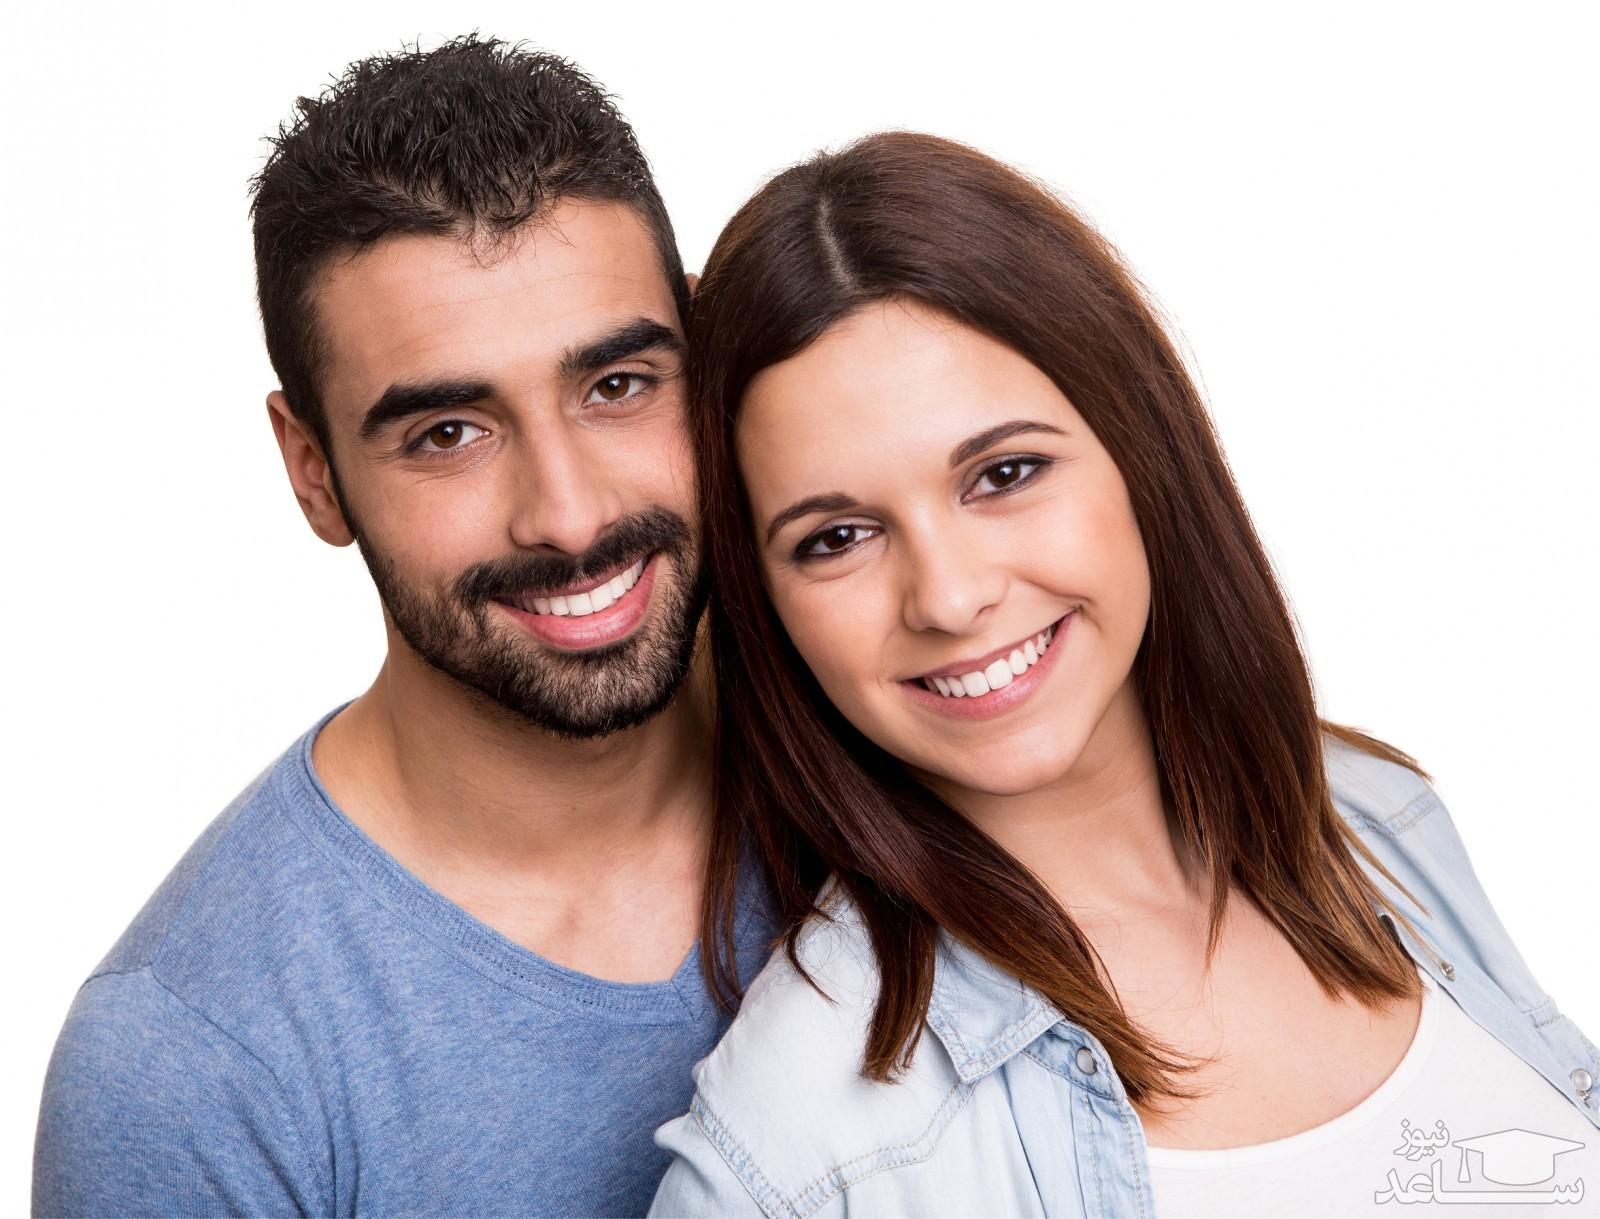 فواید ارضا شدن و به ارگاسم رسیدن مرد در رابطه جنسی